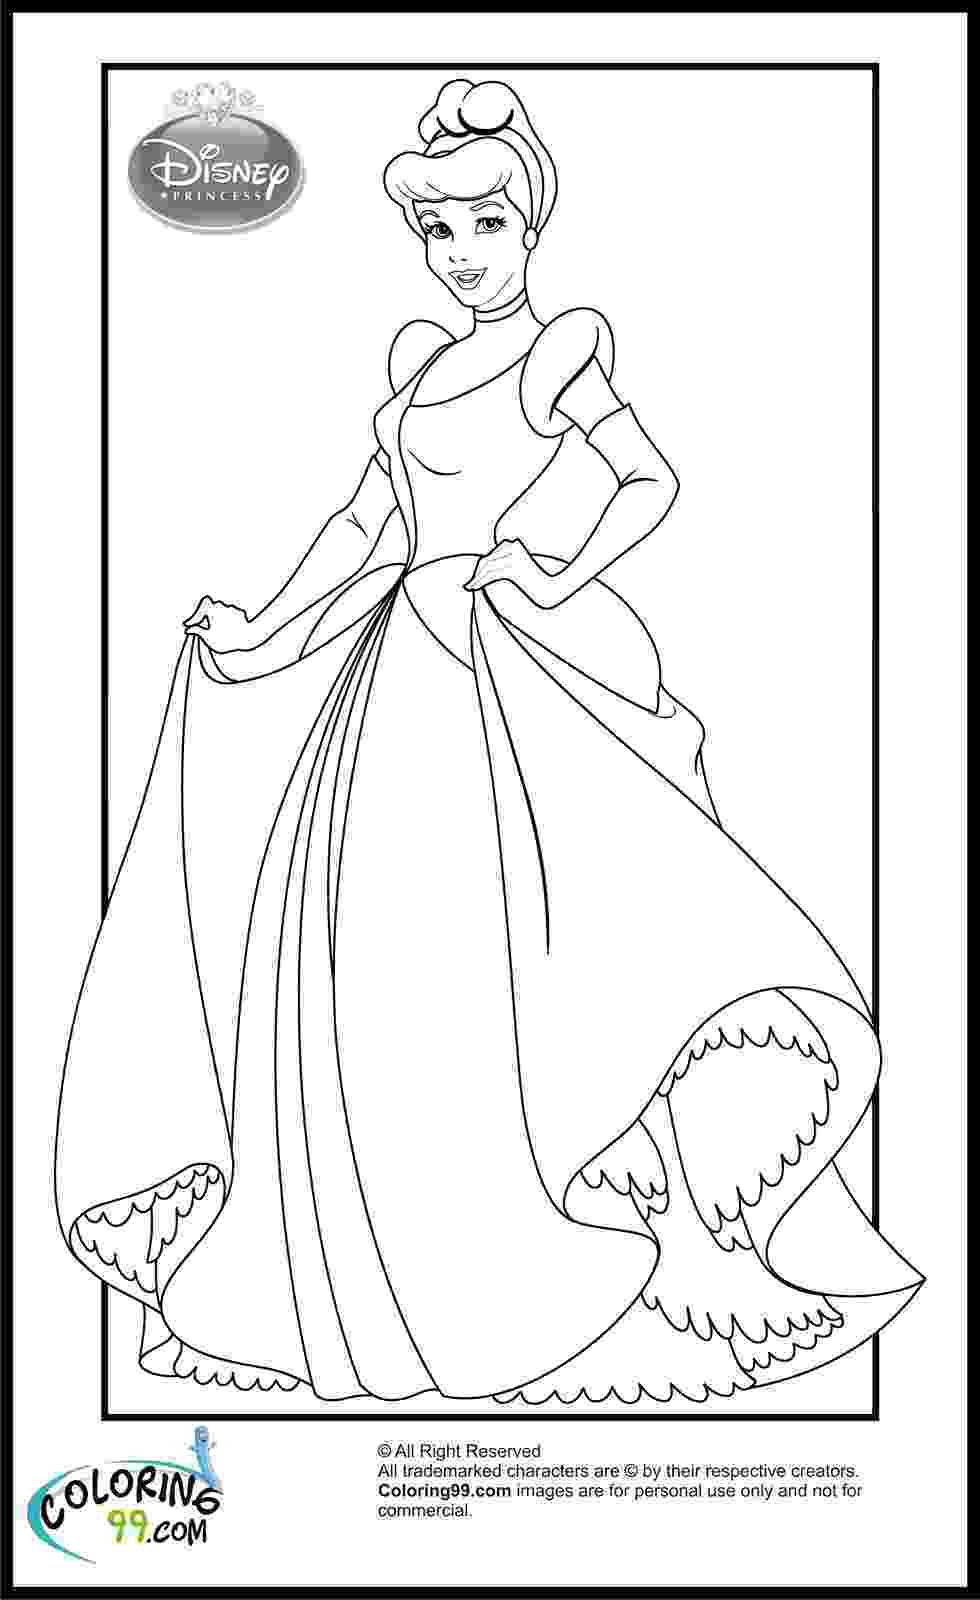 cinderella color sheets disney princess cinderella coloring pages minister coloring color sheets cinderella